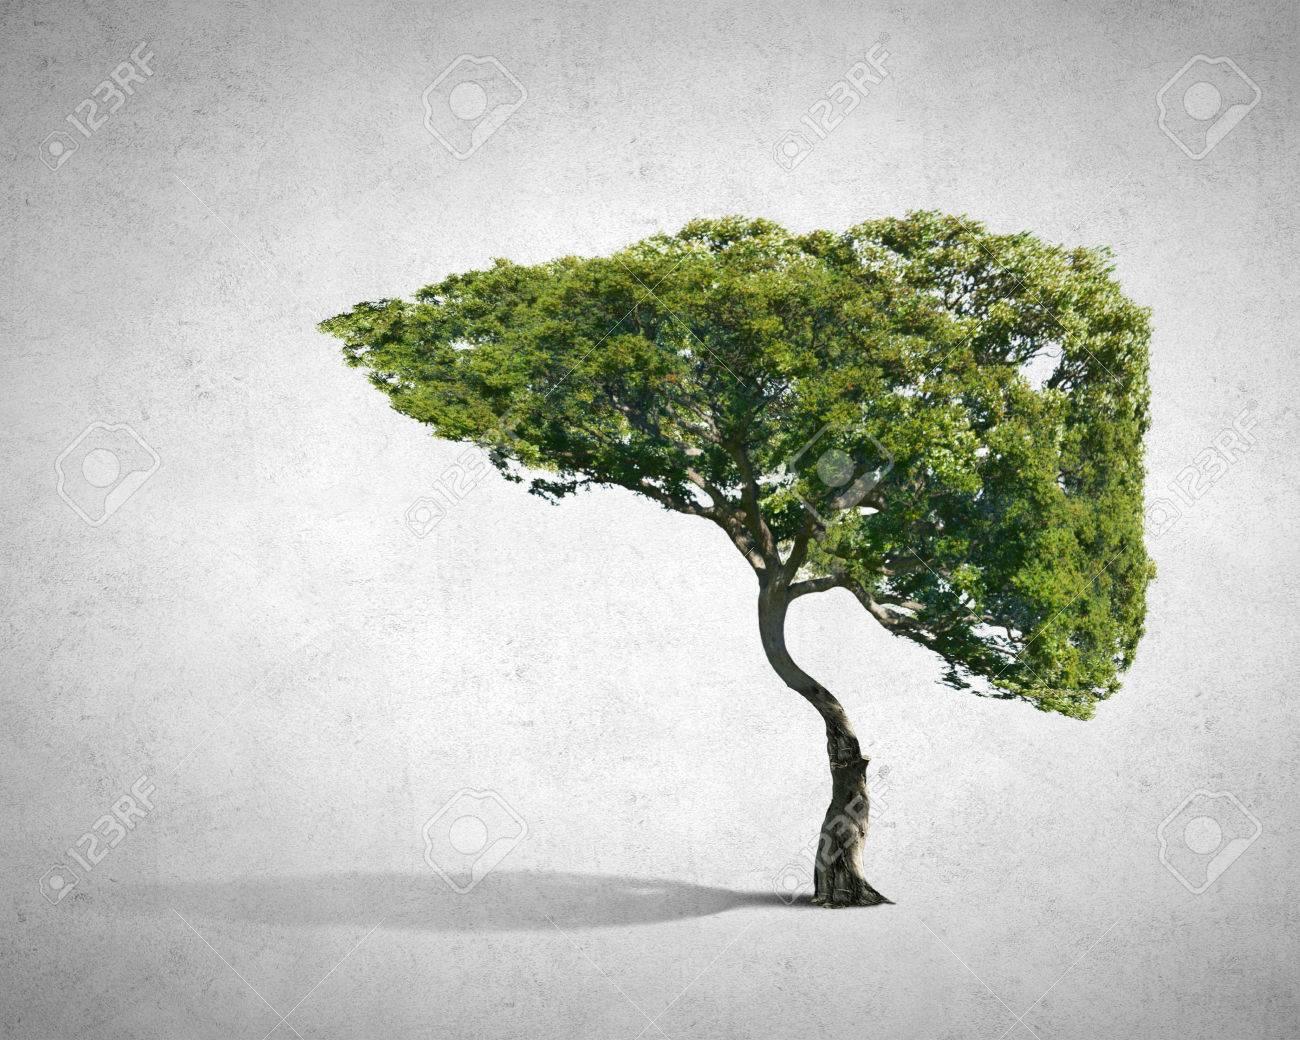 Konzeptionelle Bild Der Grünen Baum Geformt Wie Menschliche Leber ...